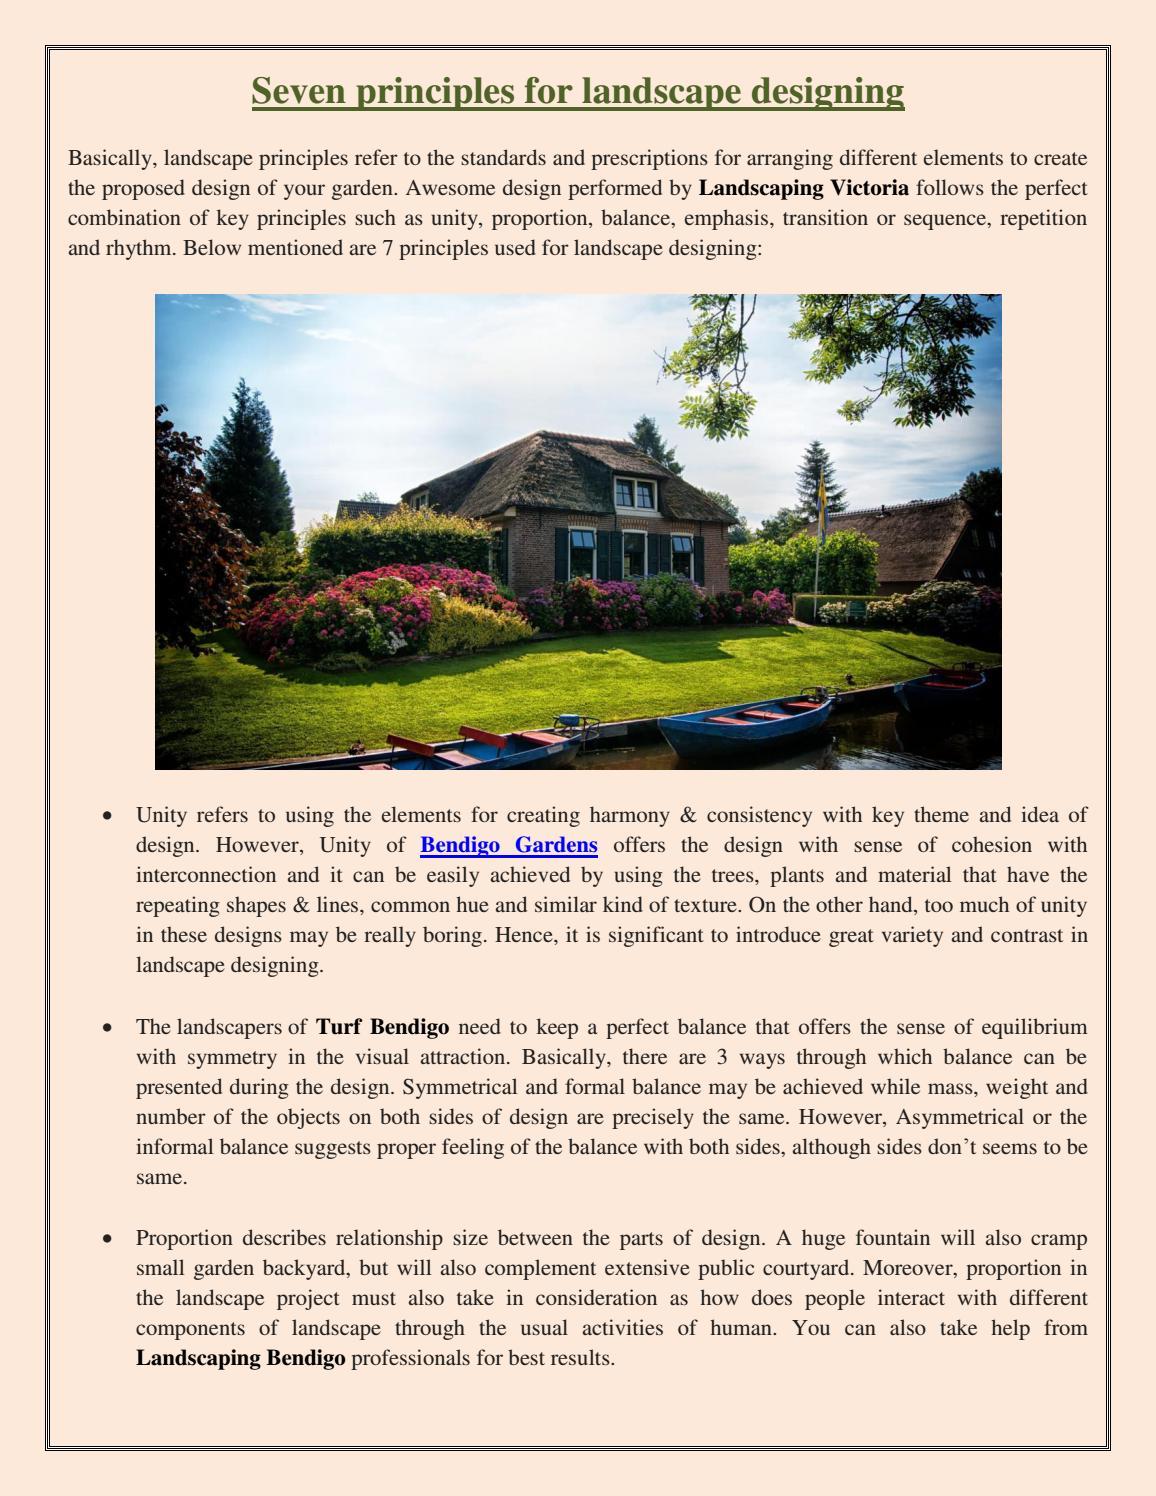 Seven Principles For Landscape Designing By Bendigo Landscaping